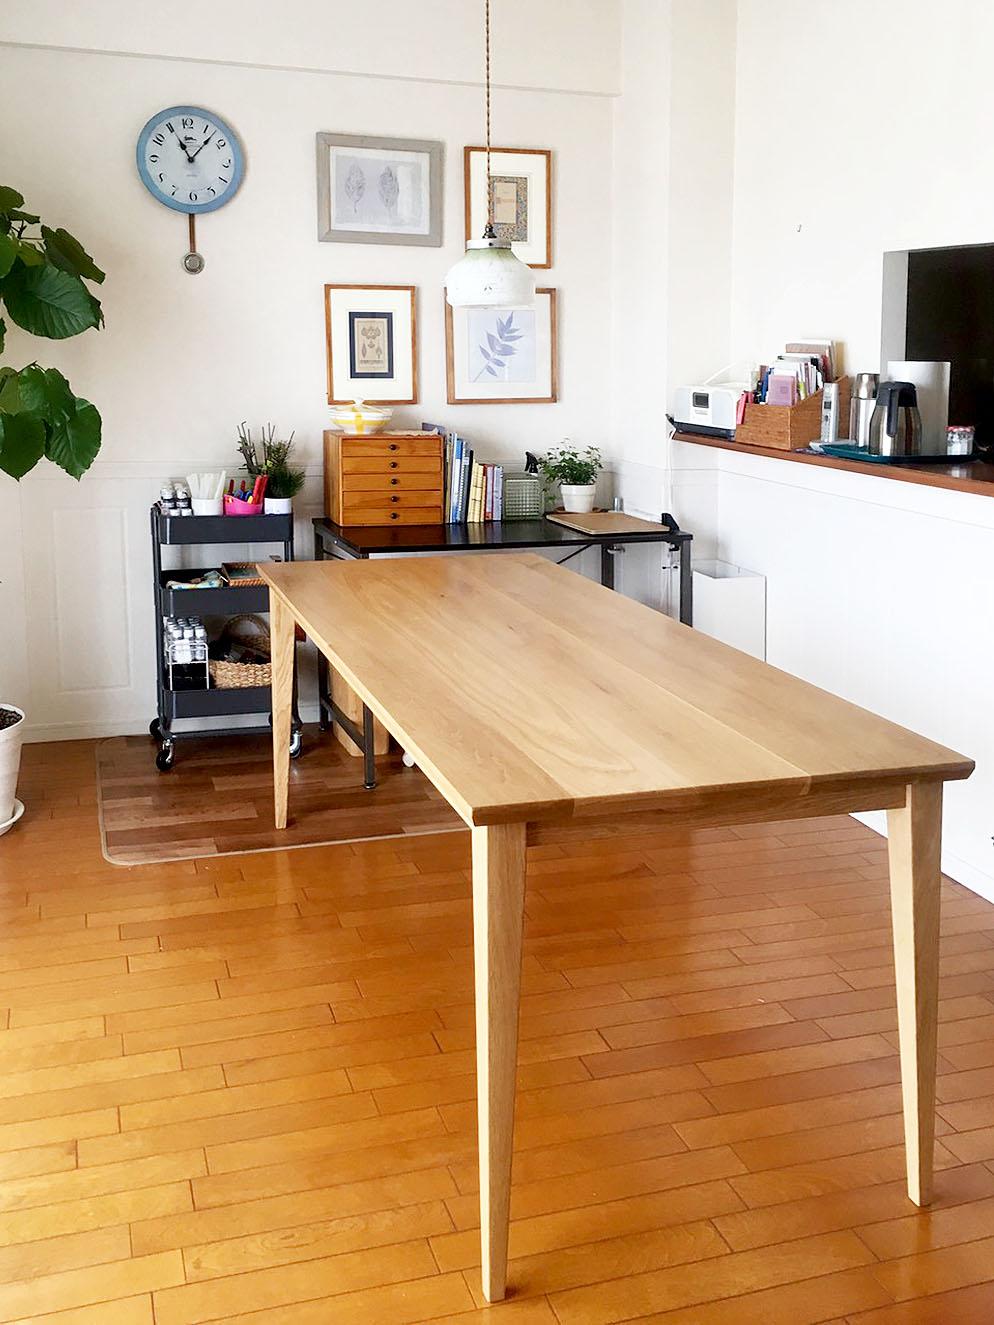 オーダー家具・ダイニングテーブル